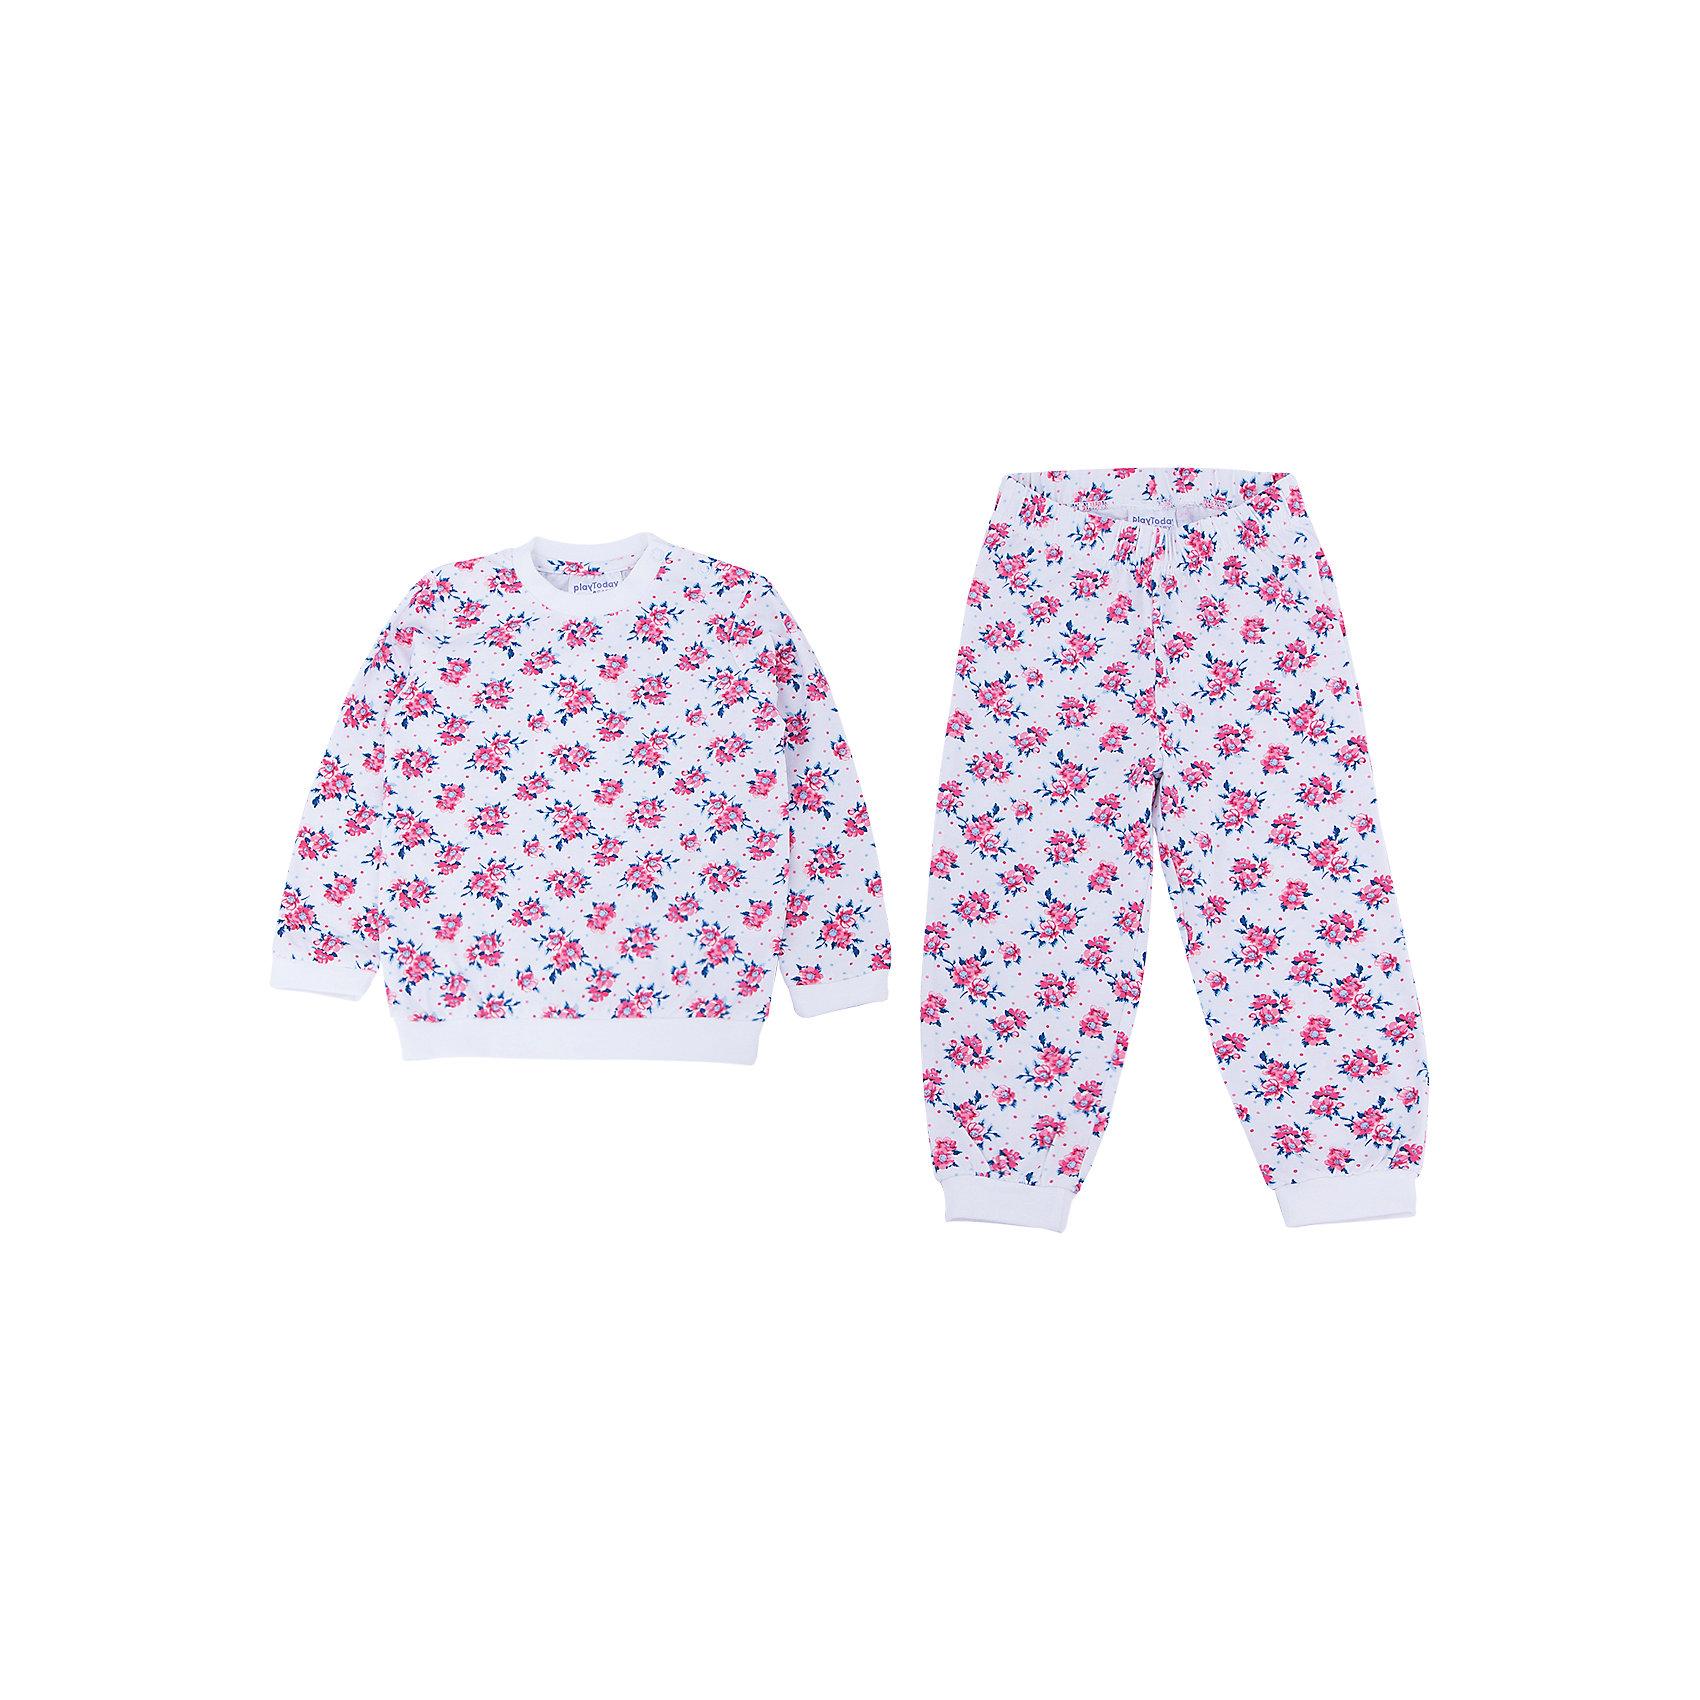 Пижама для девочки PlayTodayПижамы для малышей<br>Пижама для девочки от известного бренда PlayToday.<br>Уютный хлопковый комплект из футболки с длинными рукавами и брюк в нежный цветочек.<br>Рукава и низ толстовки на мягкой трикотажной резинке. Застегивается на кнопки на плече, чтобы ее удобно было снимать. <br>Пояс и низ брюк на резинке.<br>Состав:<br>95% хлопок, 5% эластан<br><br>Ширина мм: 157<br>Глубина мм: 13<br>Высота мм: 119<br>Вес г: 200<br>Цвет: розовый<br>Возраст от месяцев: 6<br>Возраст до месяцев: 9<br>Пол: Женский<br>Возраст: Детский<br>Размер: 74,80,86,92<br>SKU: 4900613